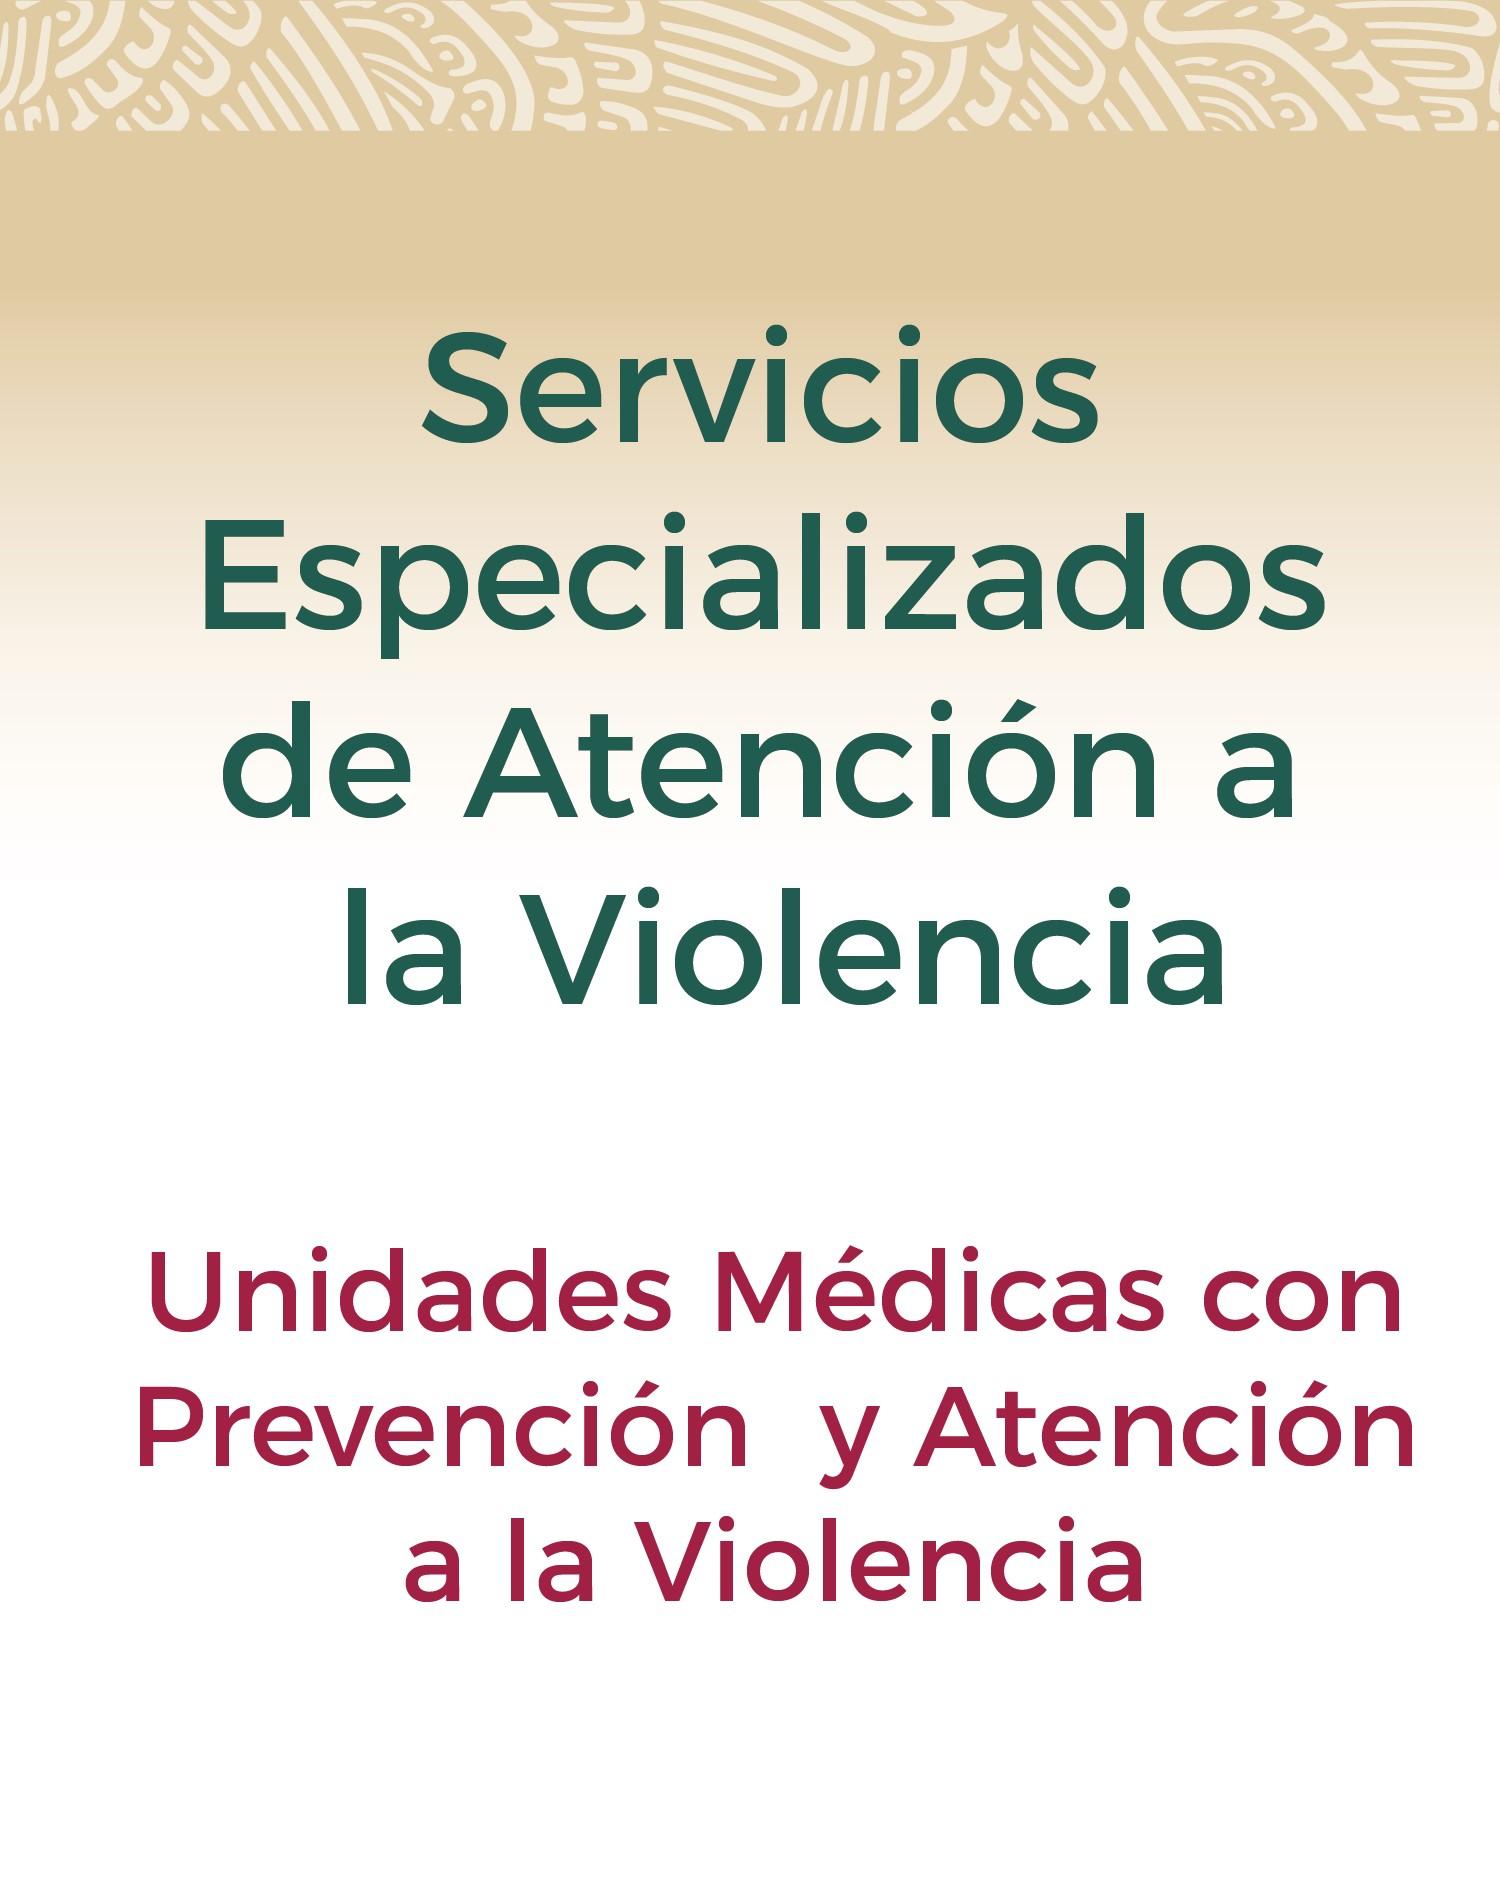 Servicios Especializados de Atención a la Violencia